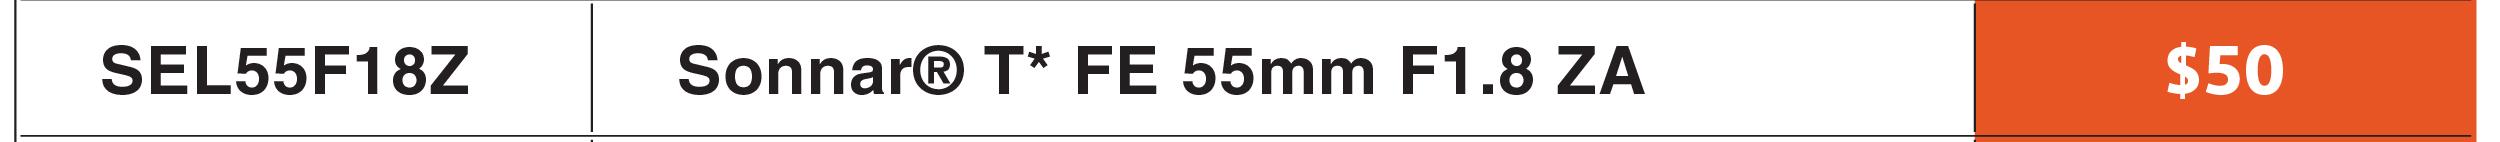 Sony FE 55mm